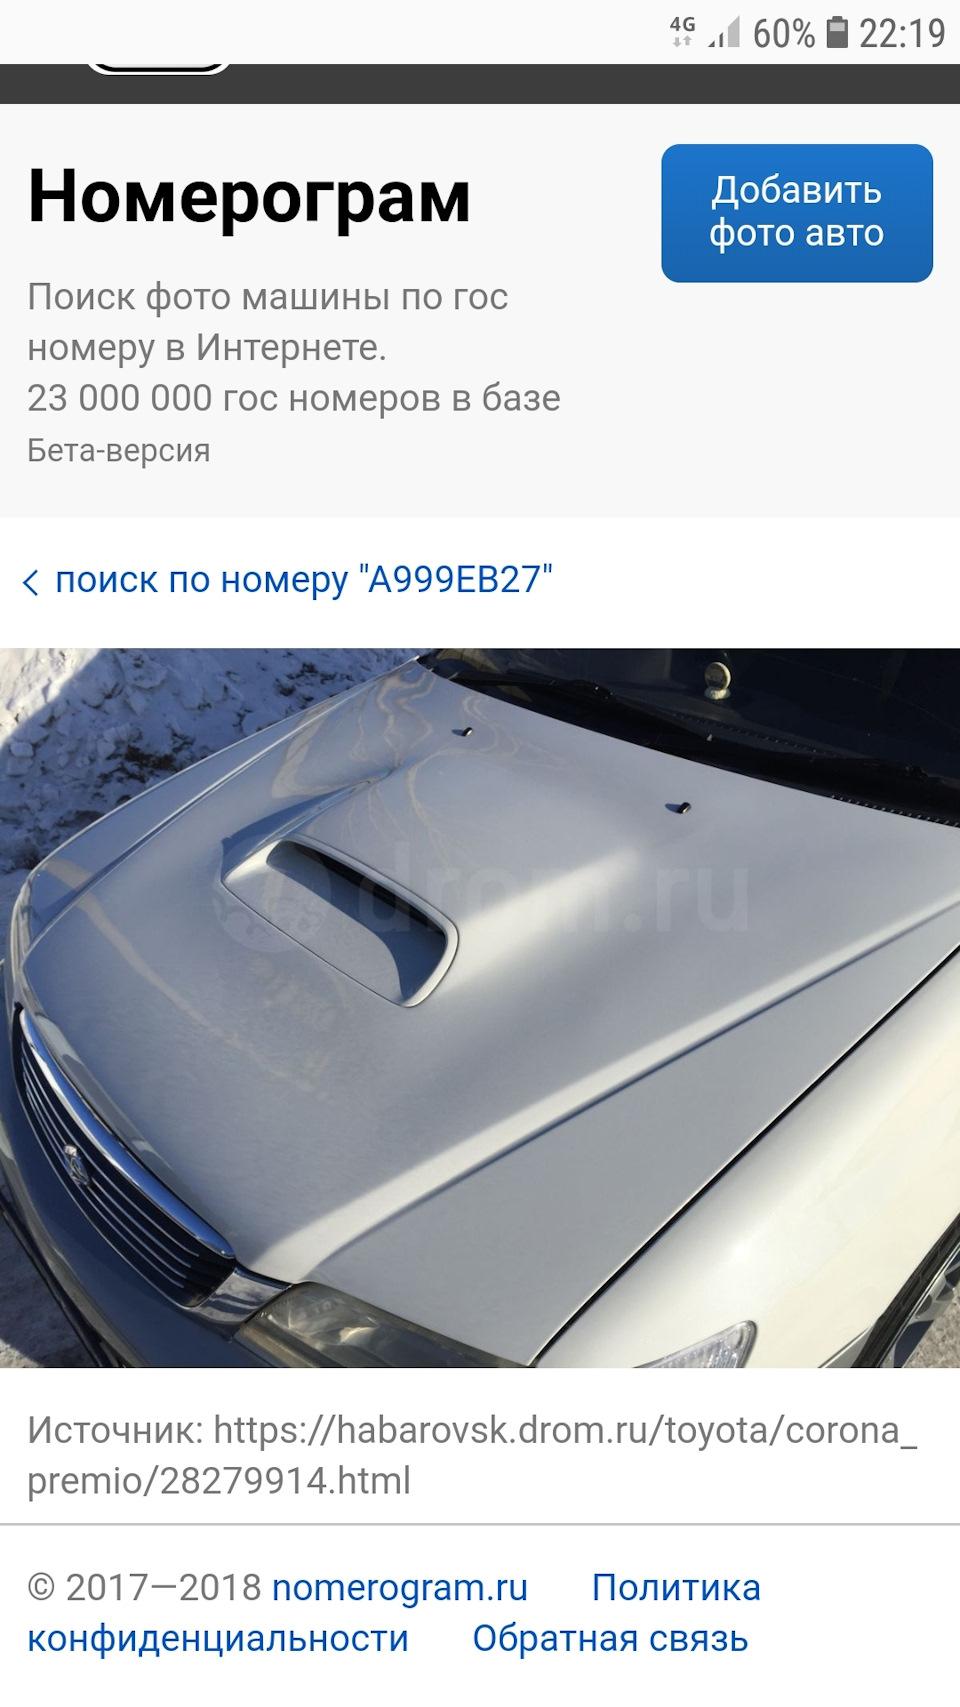 поиск фото машины по гос номеру в интернете хотят наряжаться